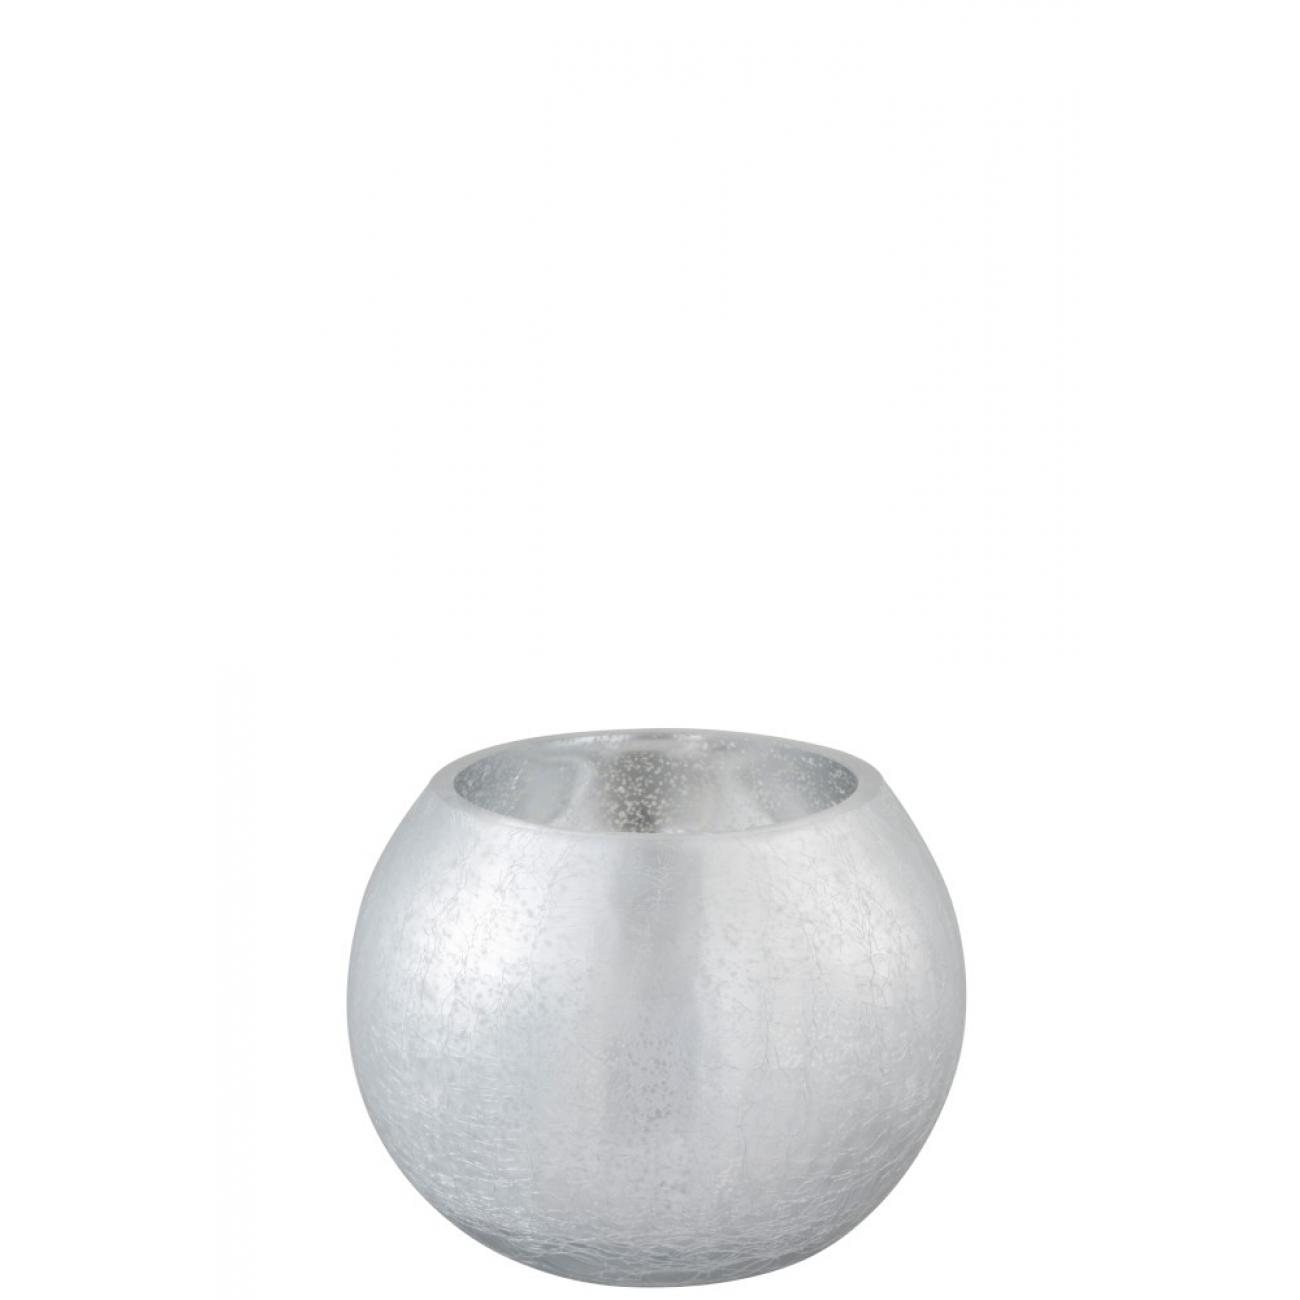 Подсвечник J-LINE стеклянный с эффектом разбитого стекла матовый серебристого цвета 15х15